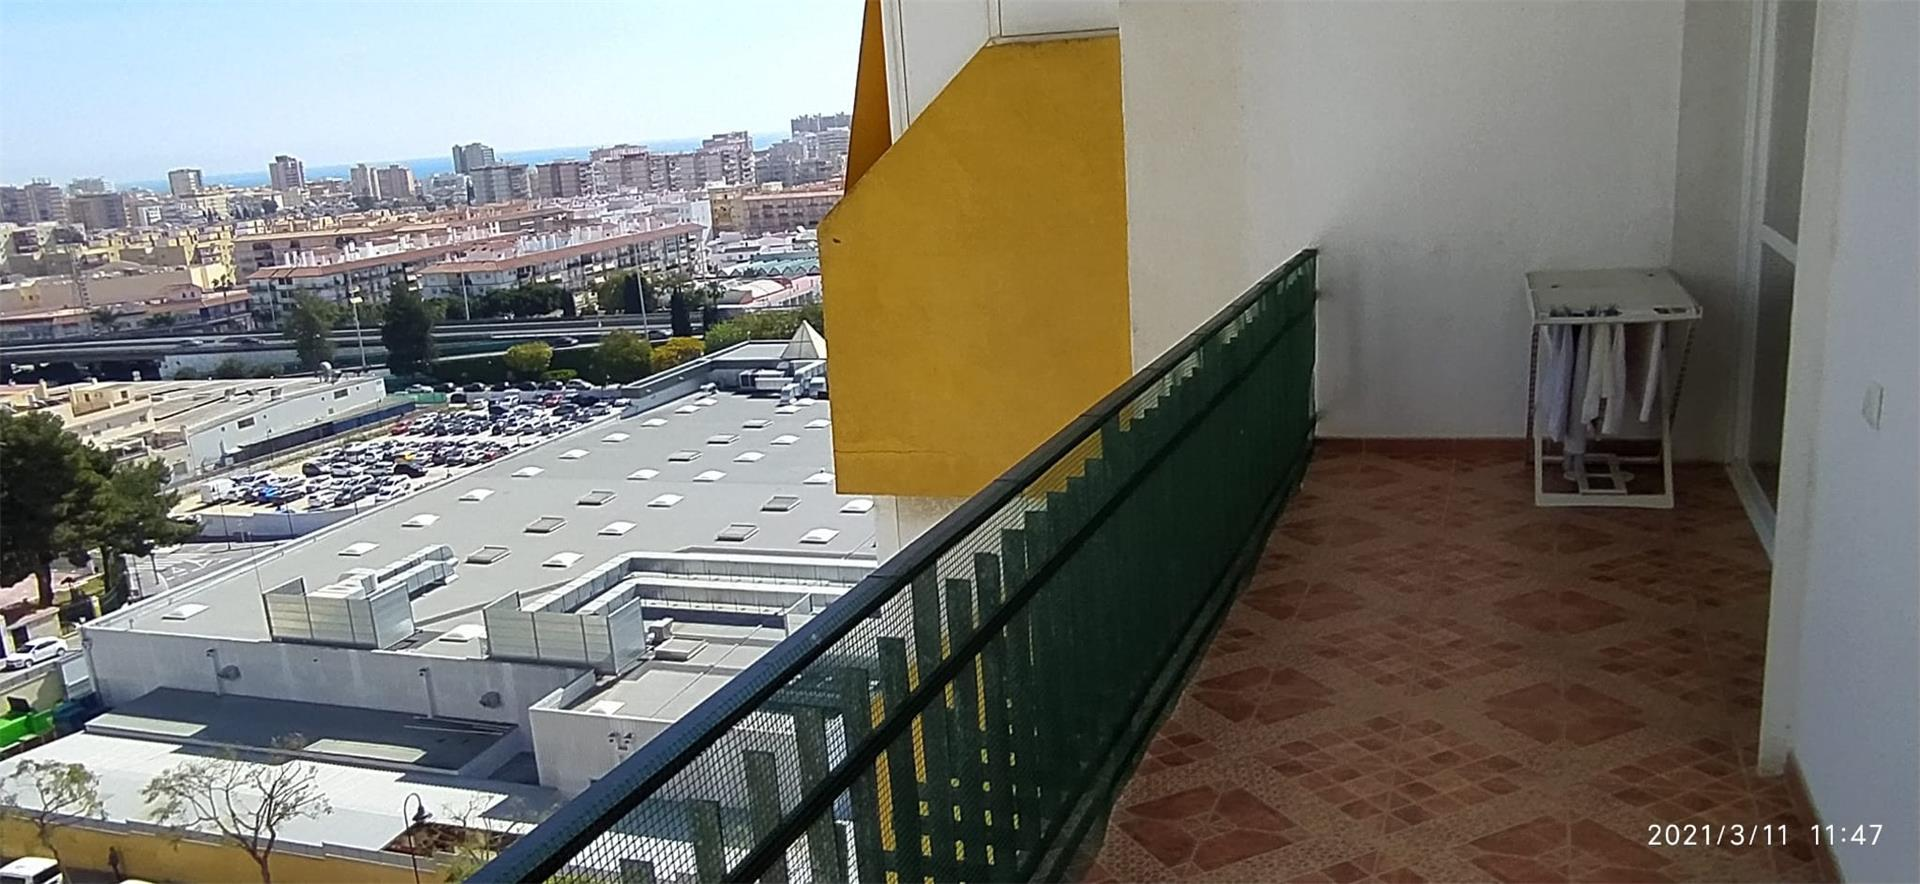 Piso de alquiler en Calle Encina, 2 Los Árboles (Las Lagunas de Mijas, Málaga)